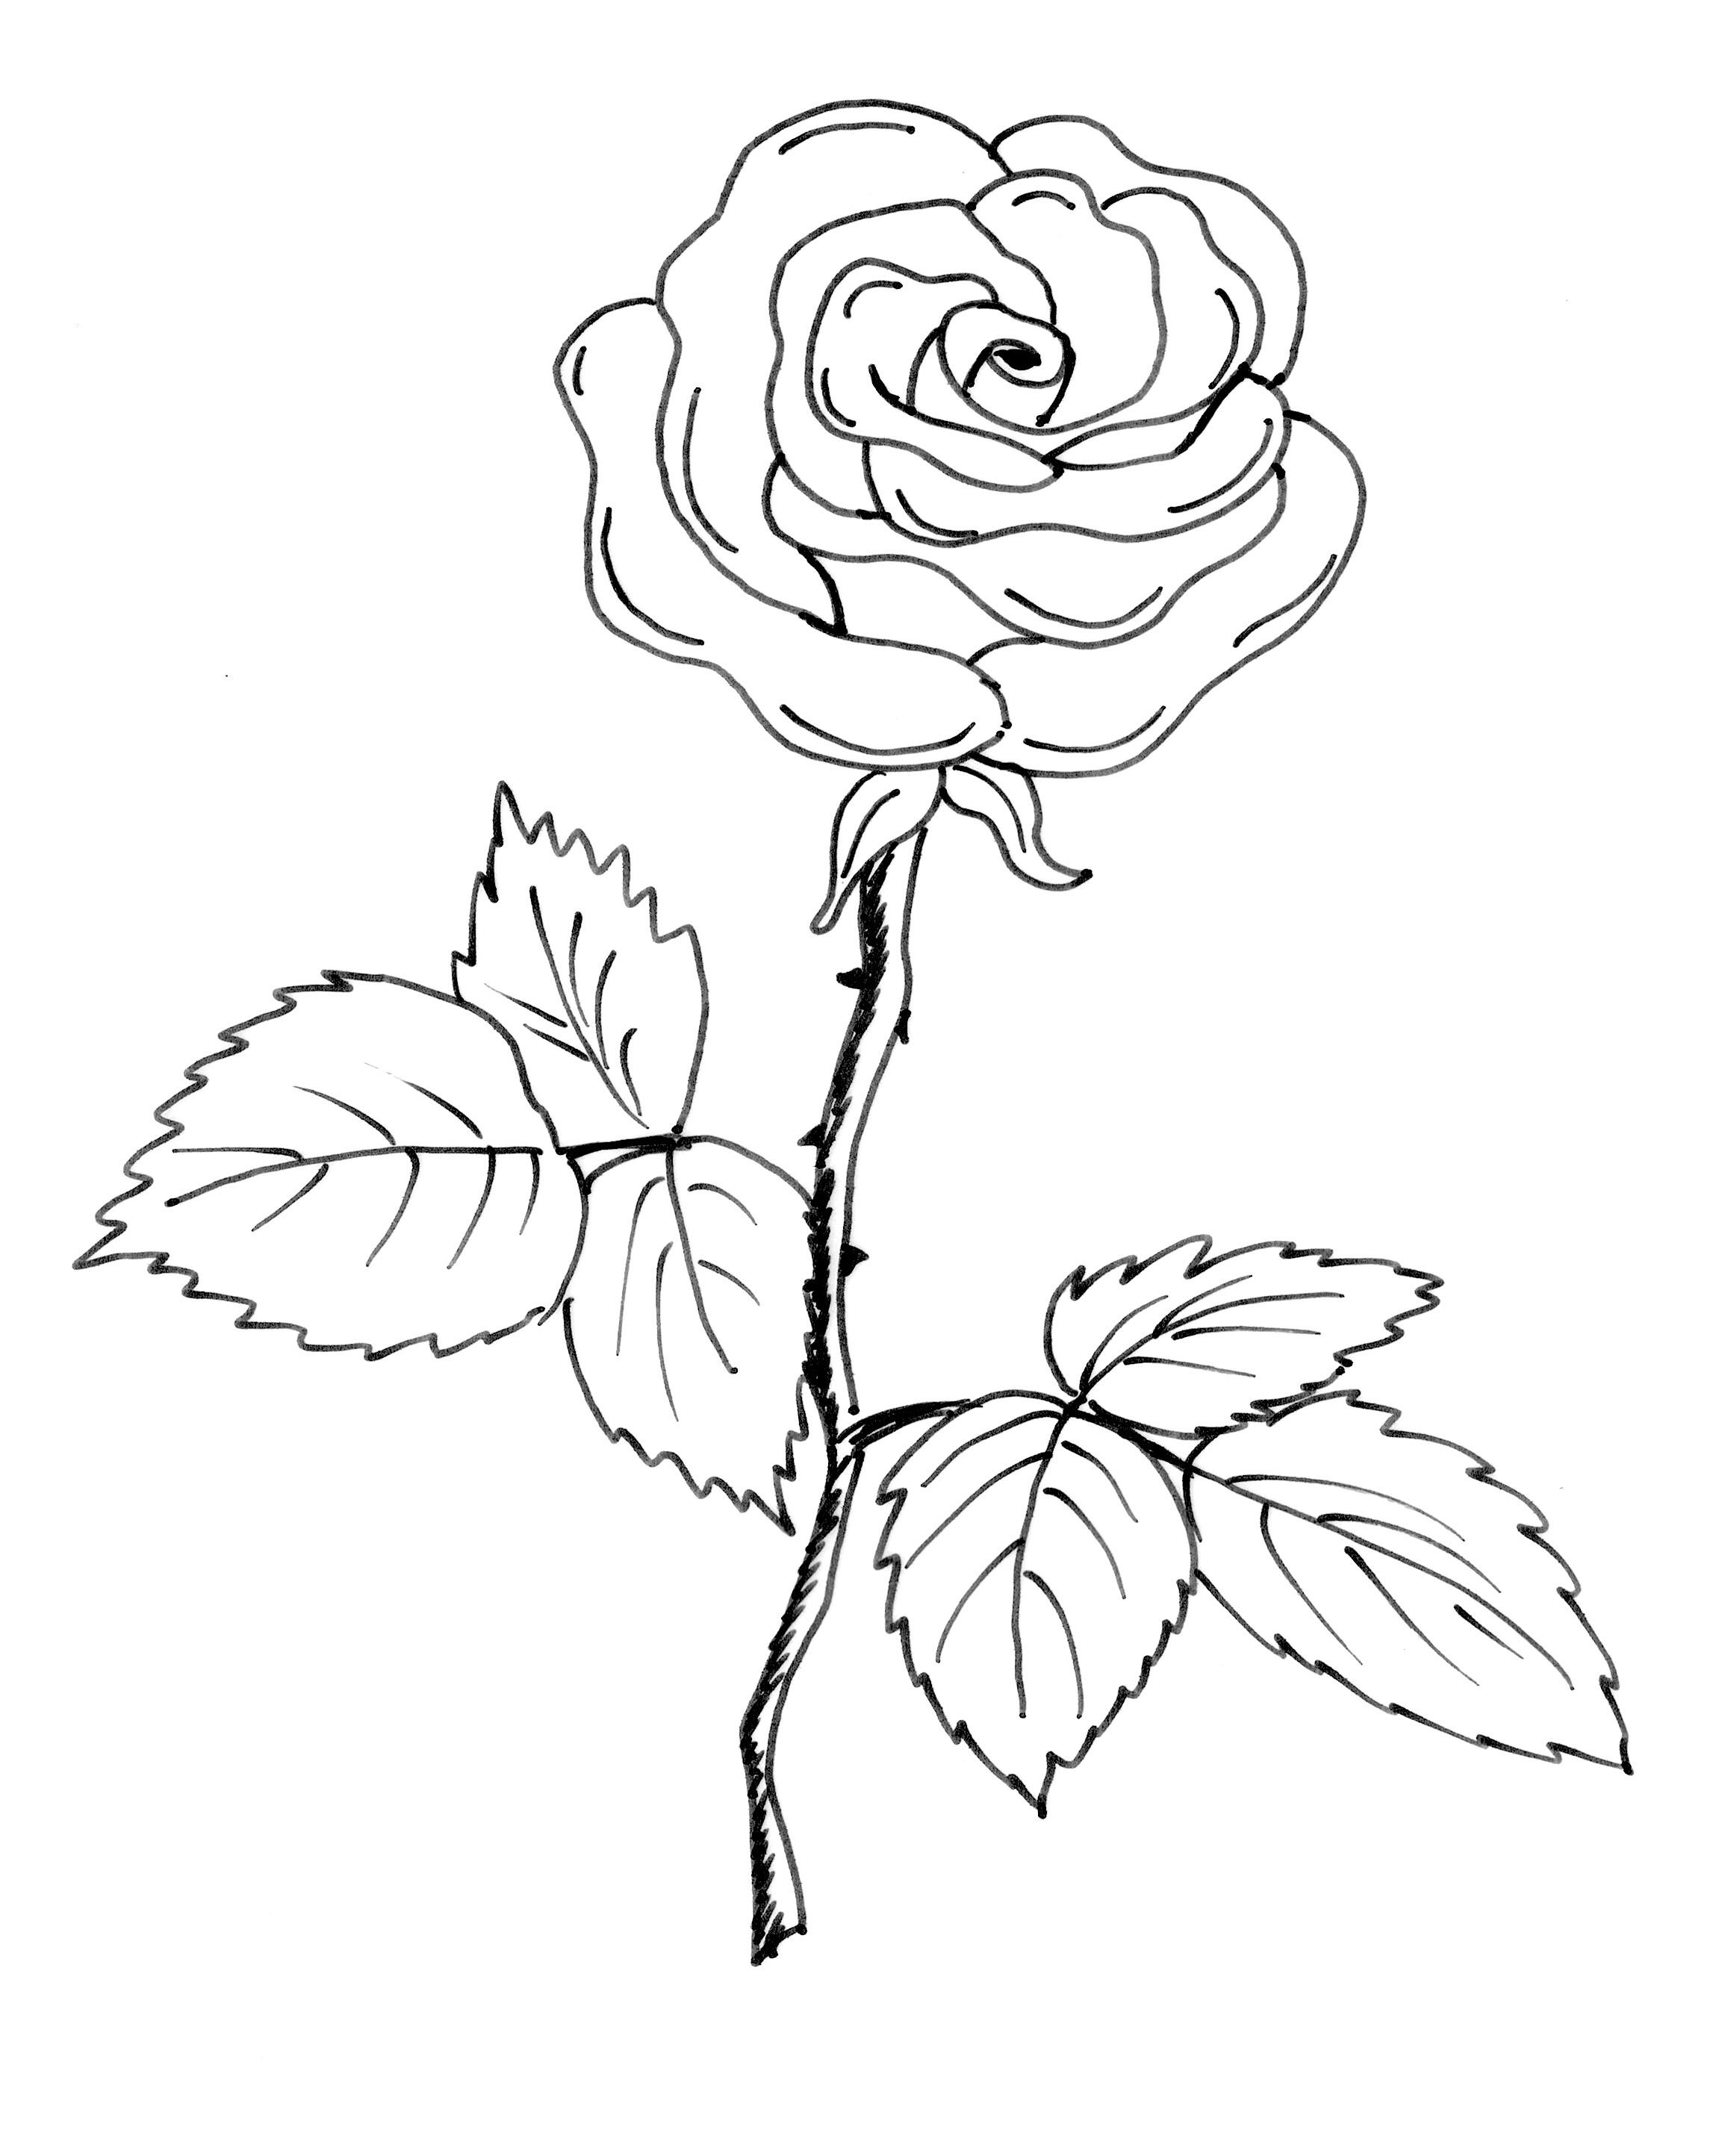 Rosen Ausmalbilder  Ausmalbilder rose kostenlos Malvorlagen zum ausdrucken